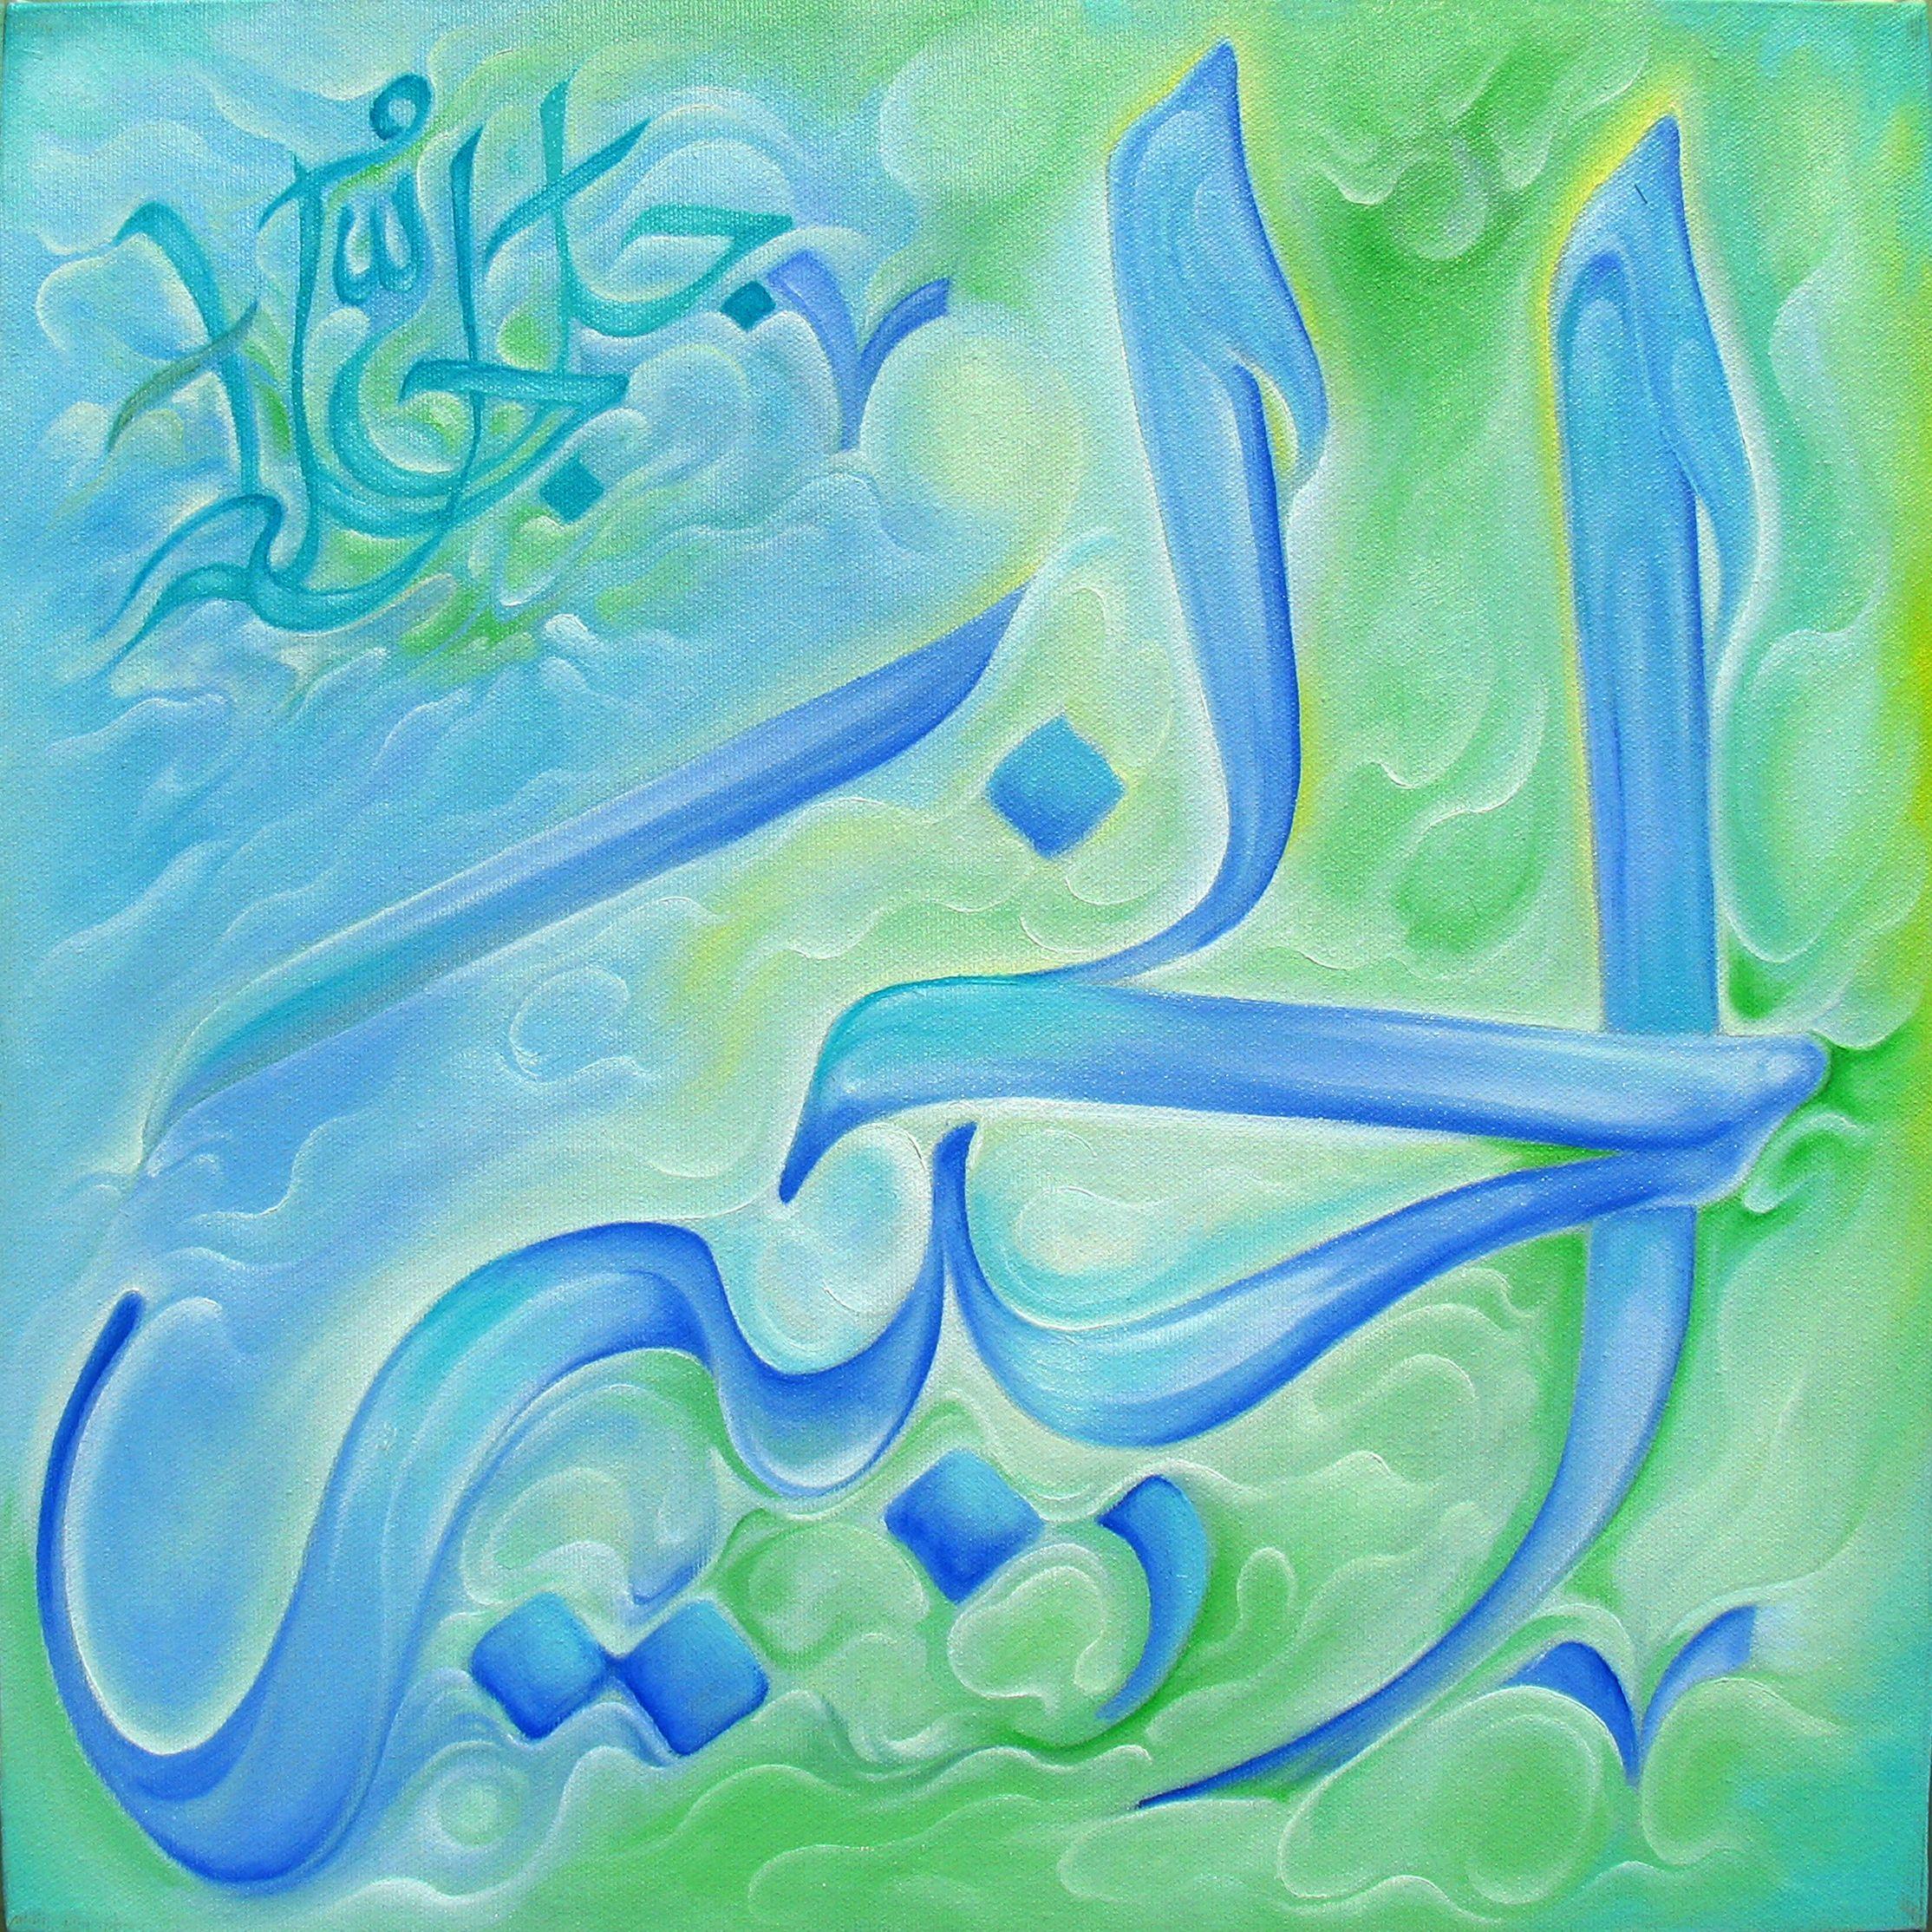 Gambar Seni kontemporer oleh Mochamad Navik pada kaligrafi